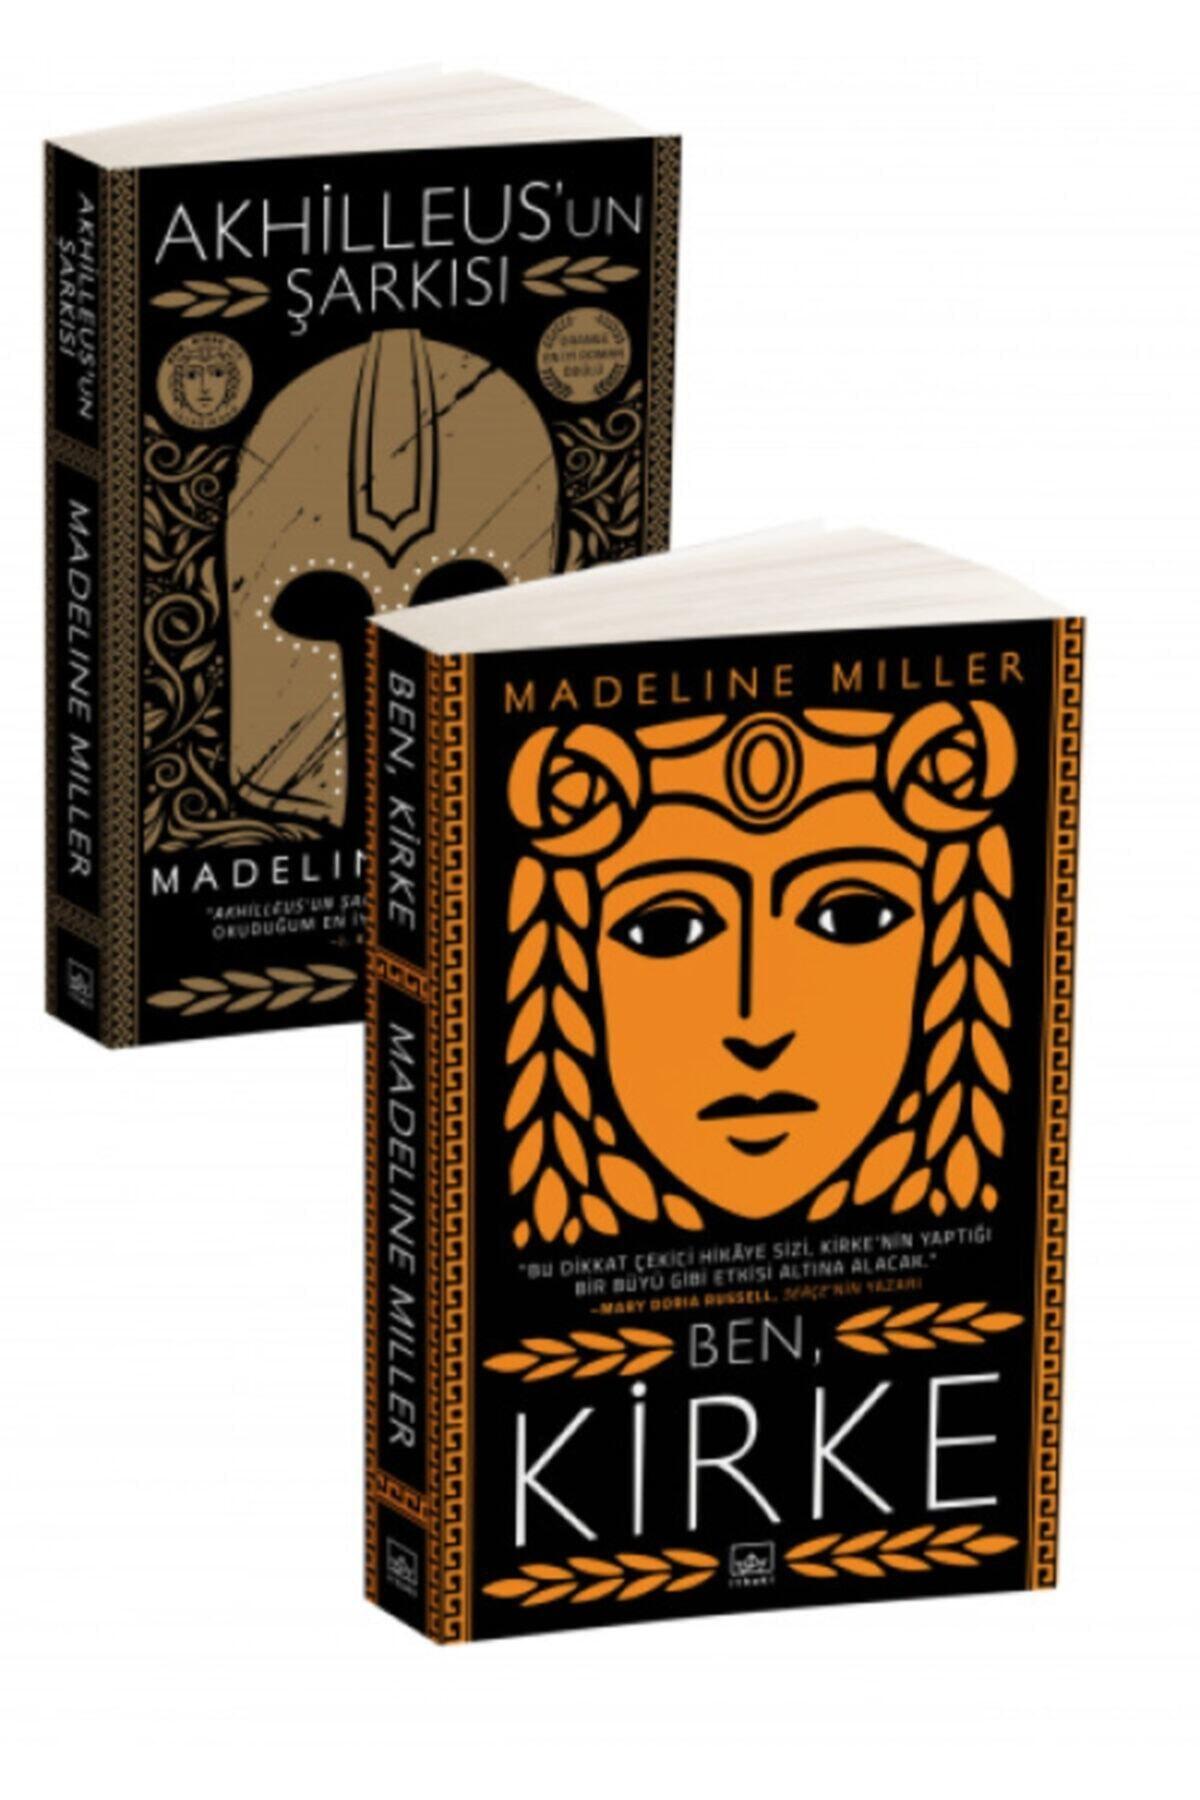 İthaki Yayınları Ben, Kirke + Akhilleus'un Şarkısı (2 Kitap) 1